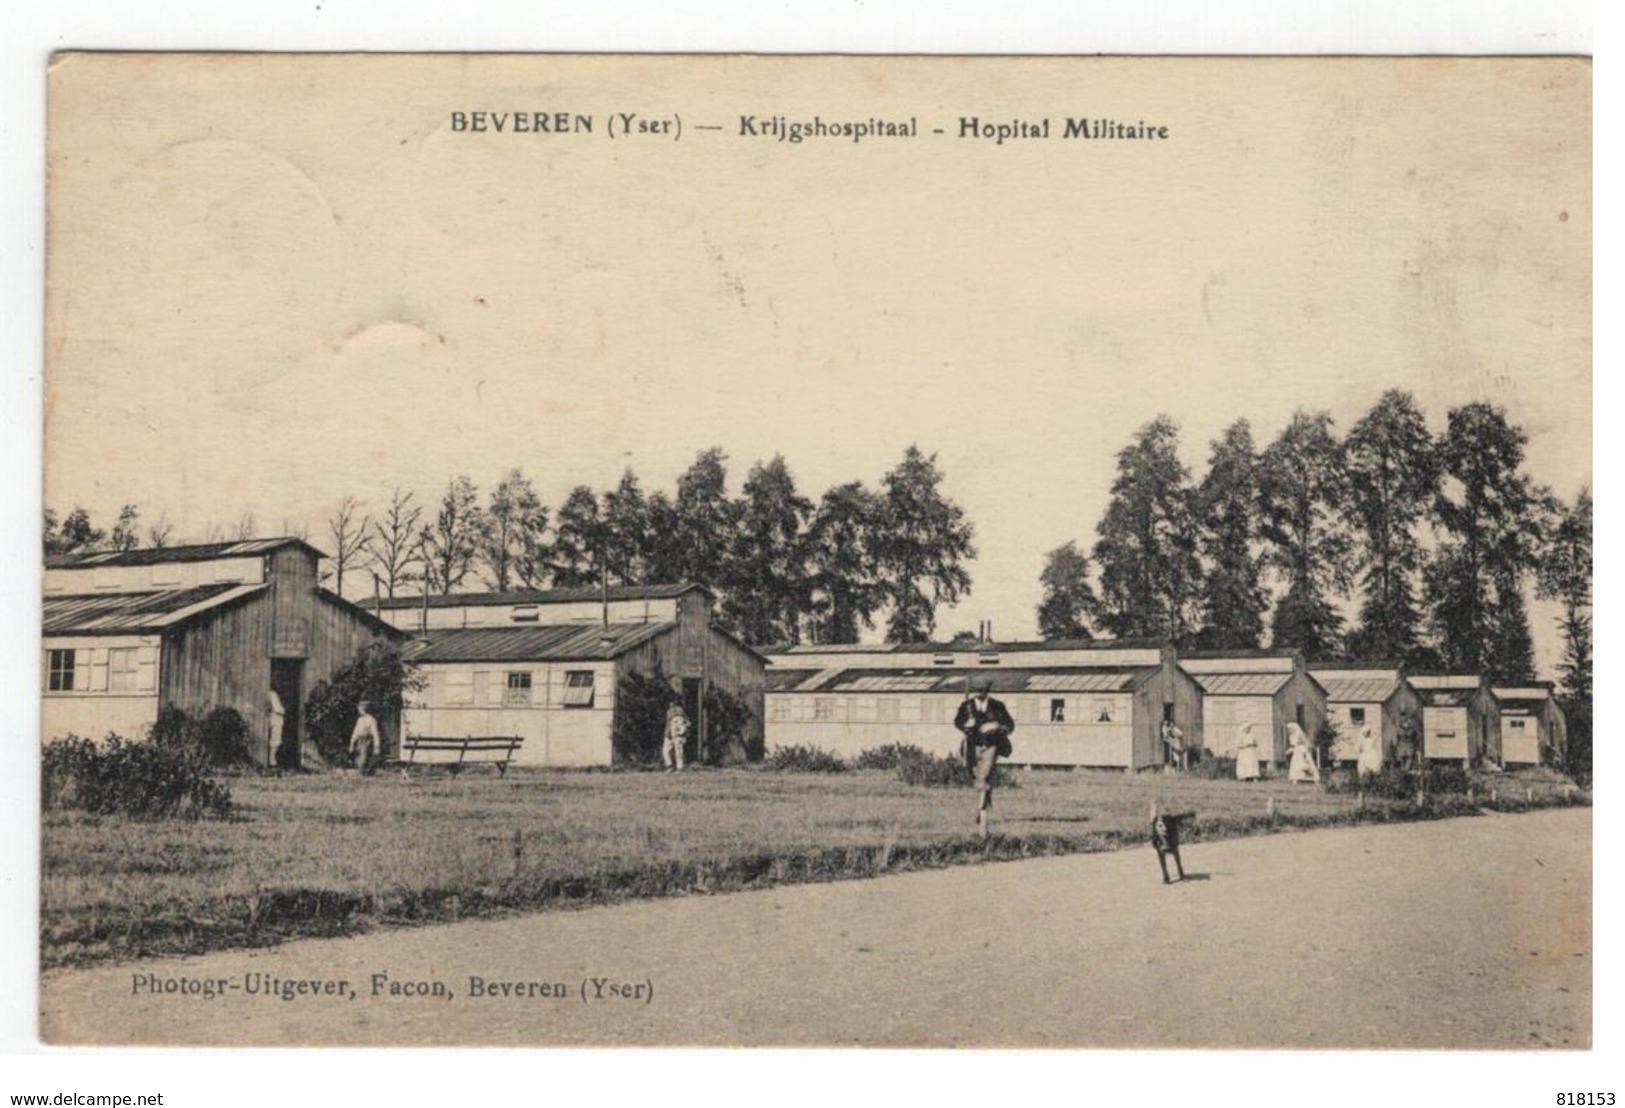 BEVEREN (Yser)  -  Krijgshospitaal - Hopital Militaire - Alveringem